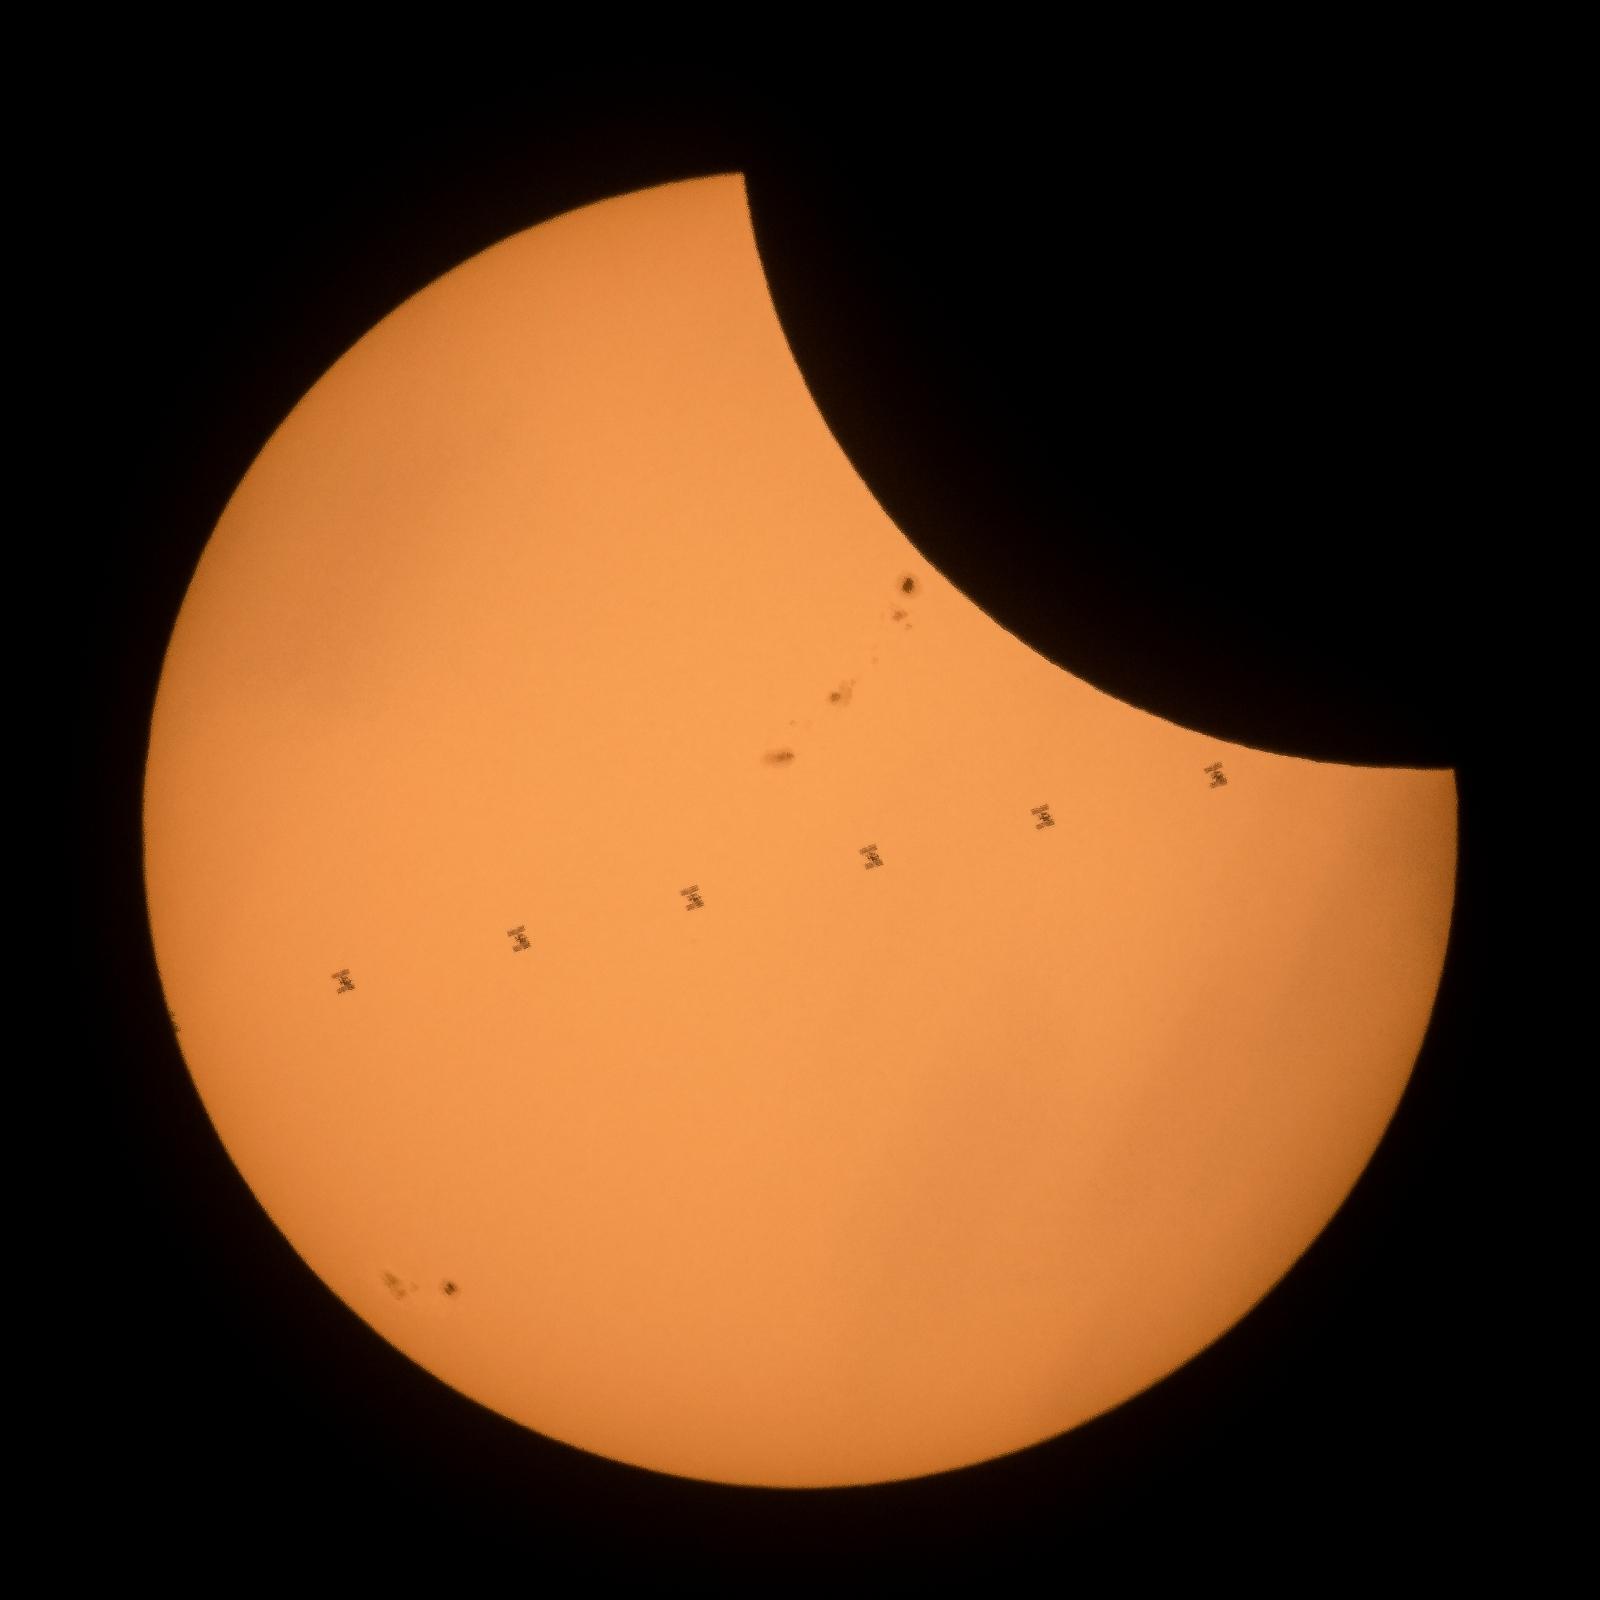 Nasa solar eclipse photos